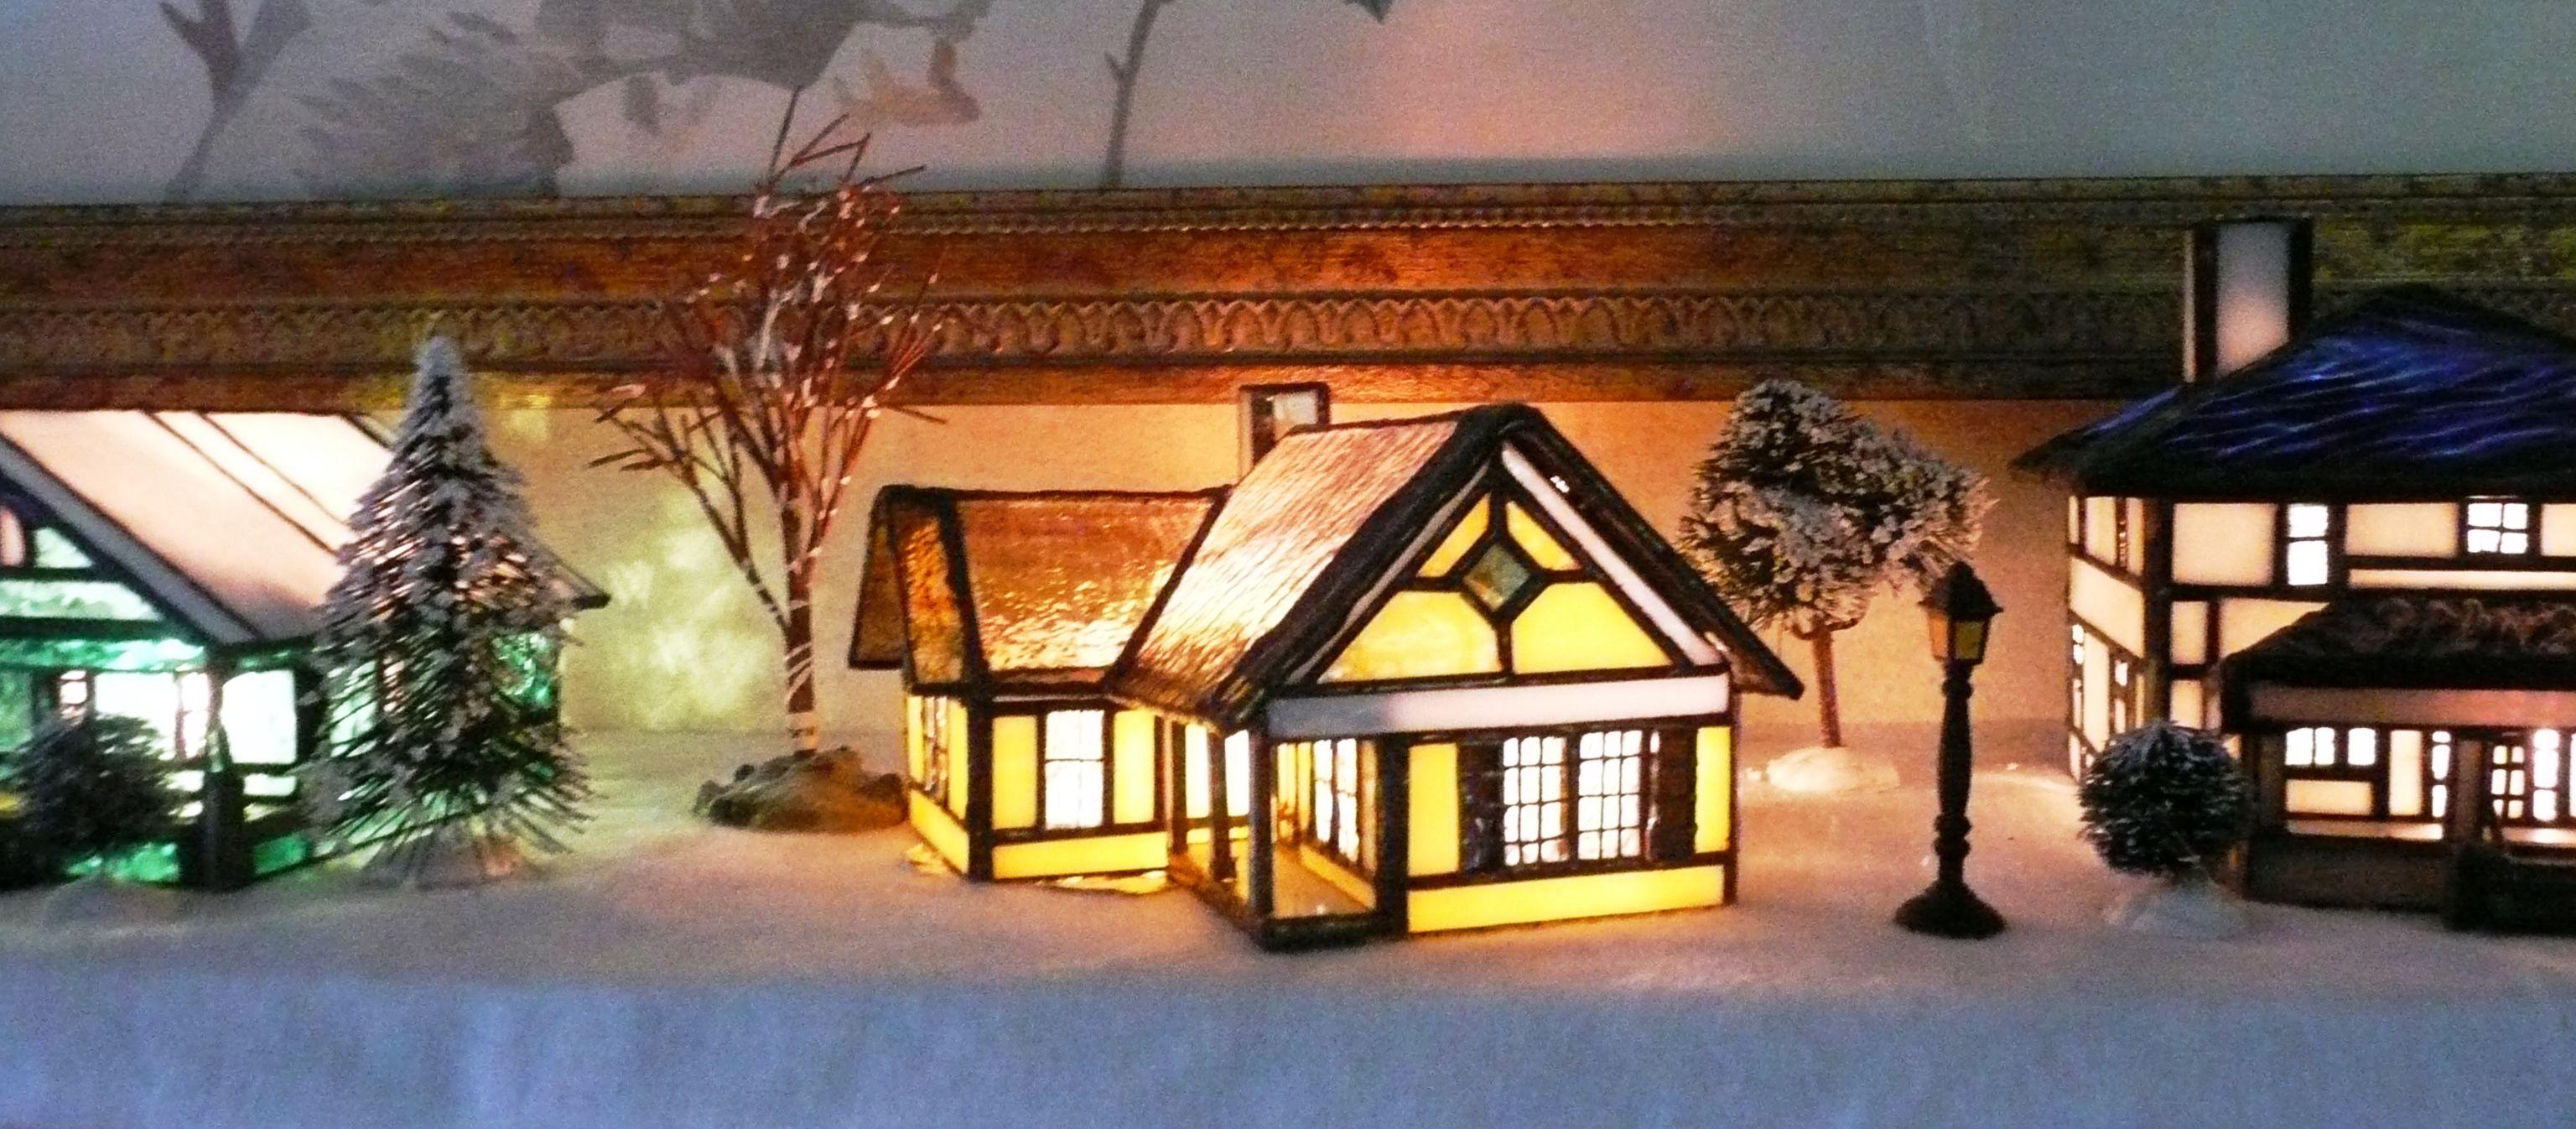 Stain Glass Christmas Village | Weihnachten | Pinterest | Glas und ...